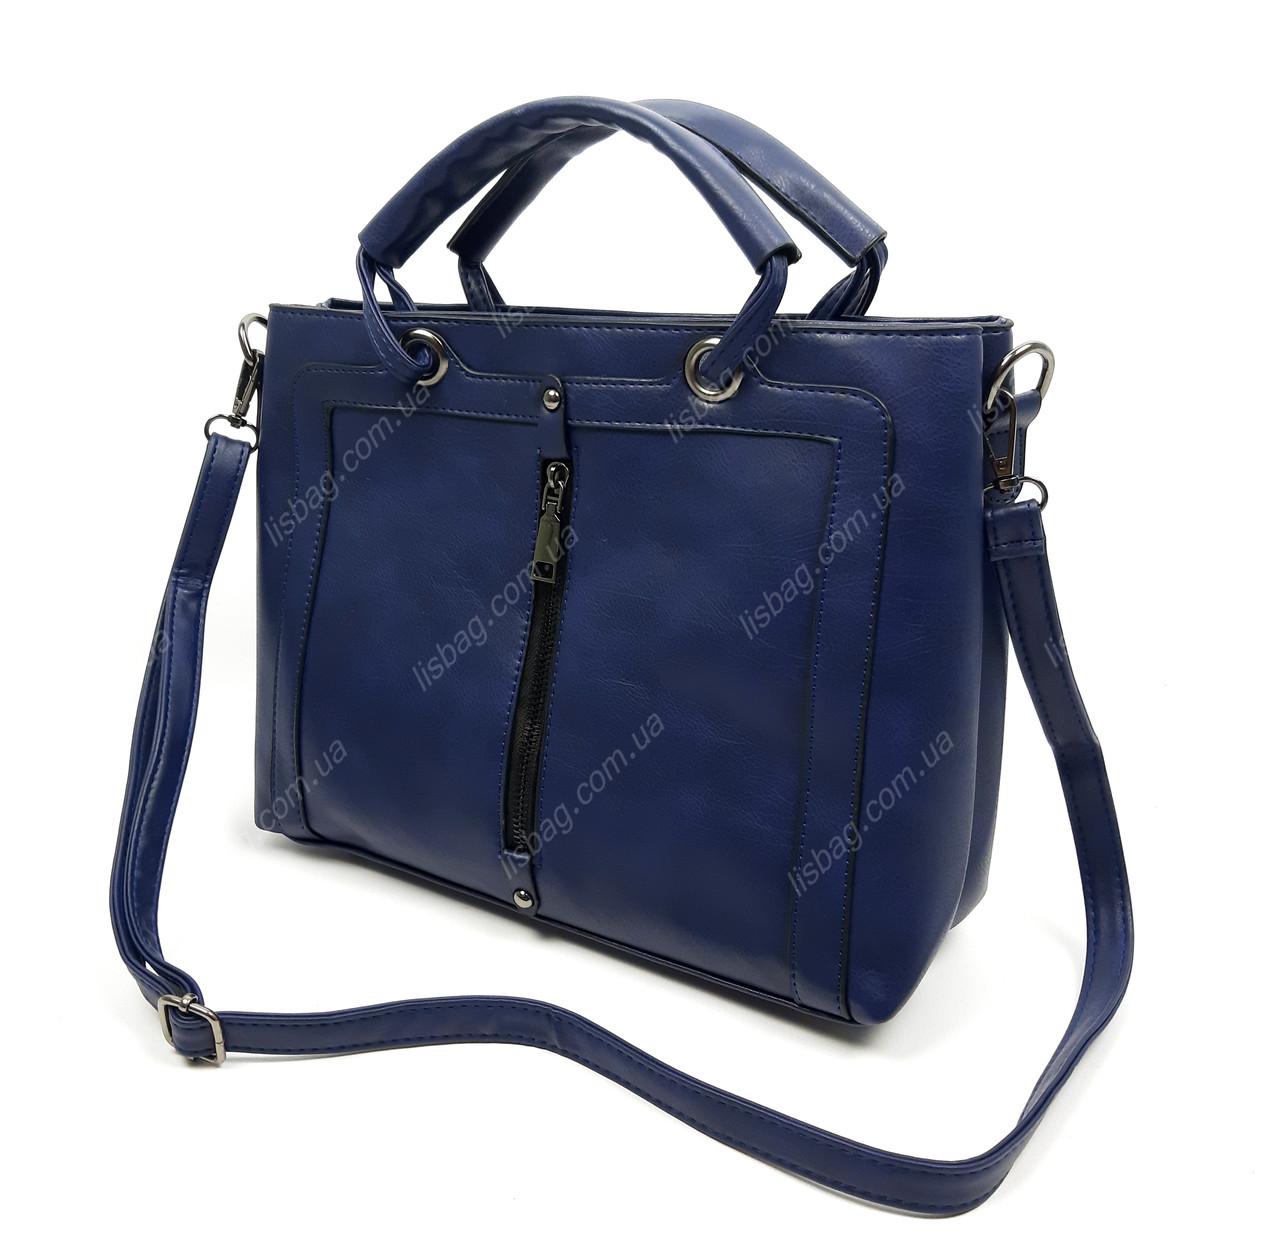 6b3dc50e988e Синяя женская сумка на 2 отделения на молнии, новинка - Интернет магазин  Lisbag в Умани